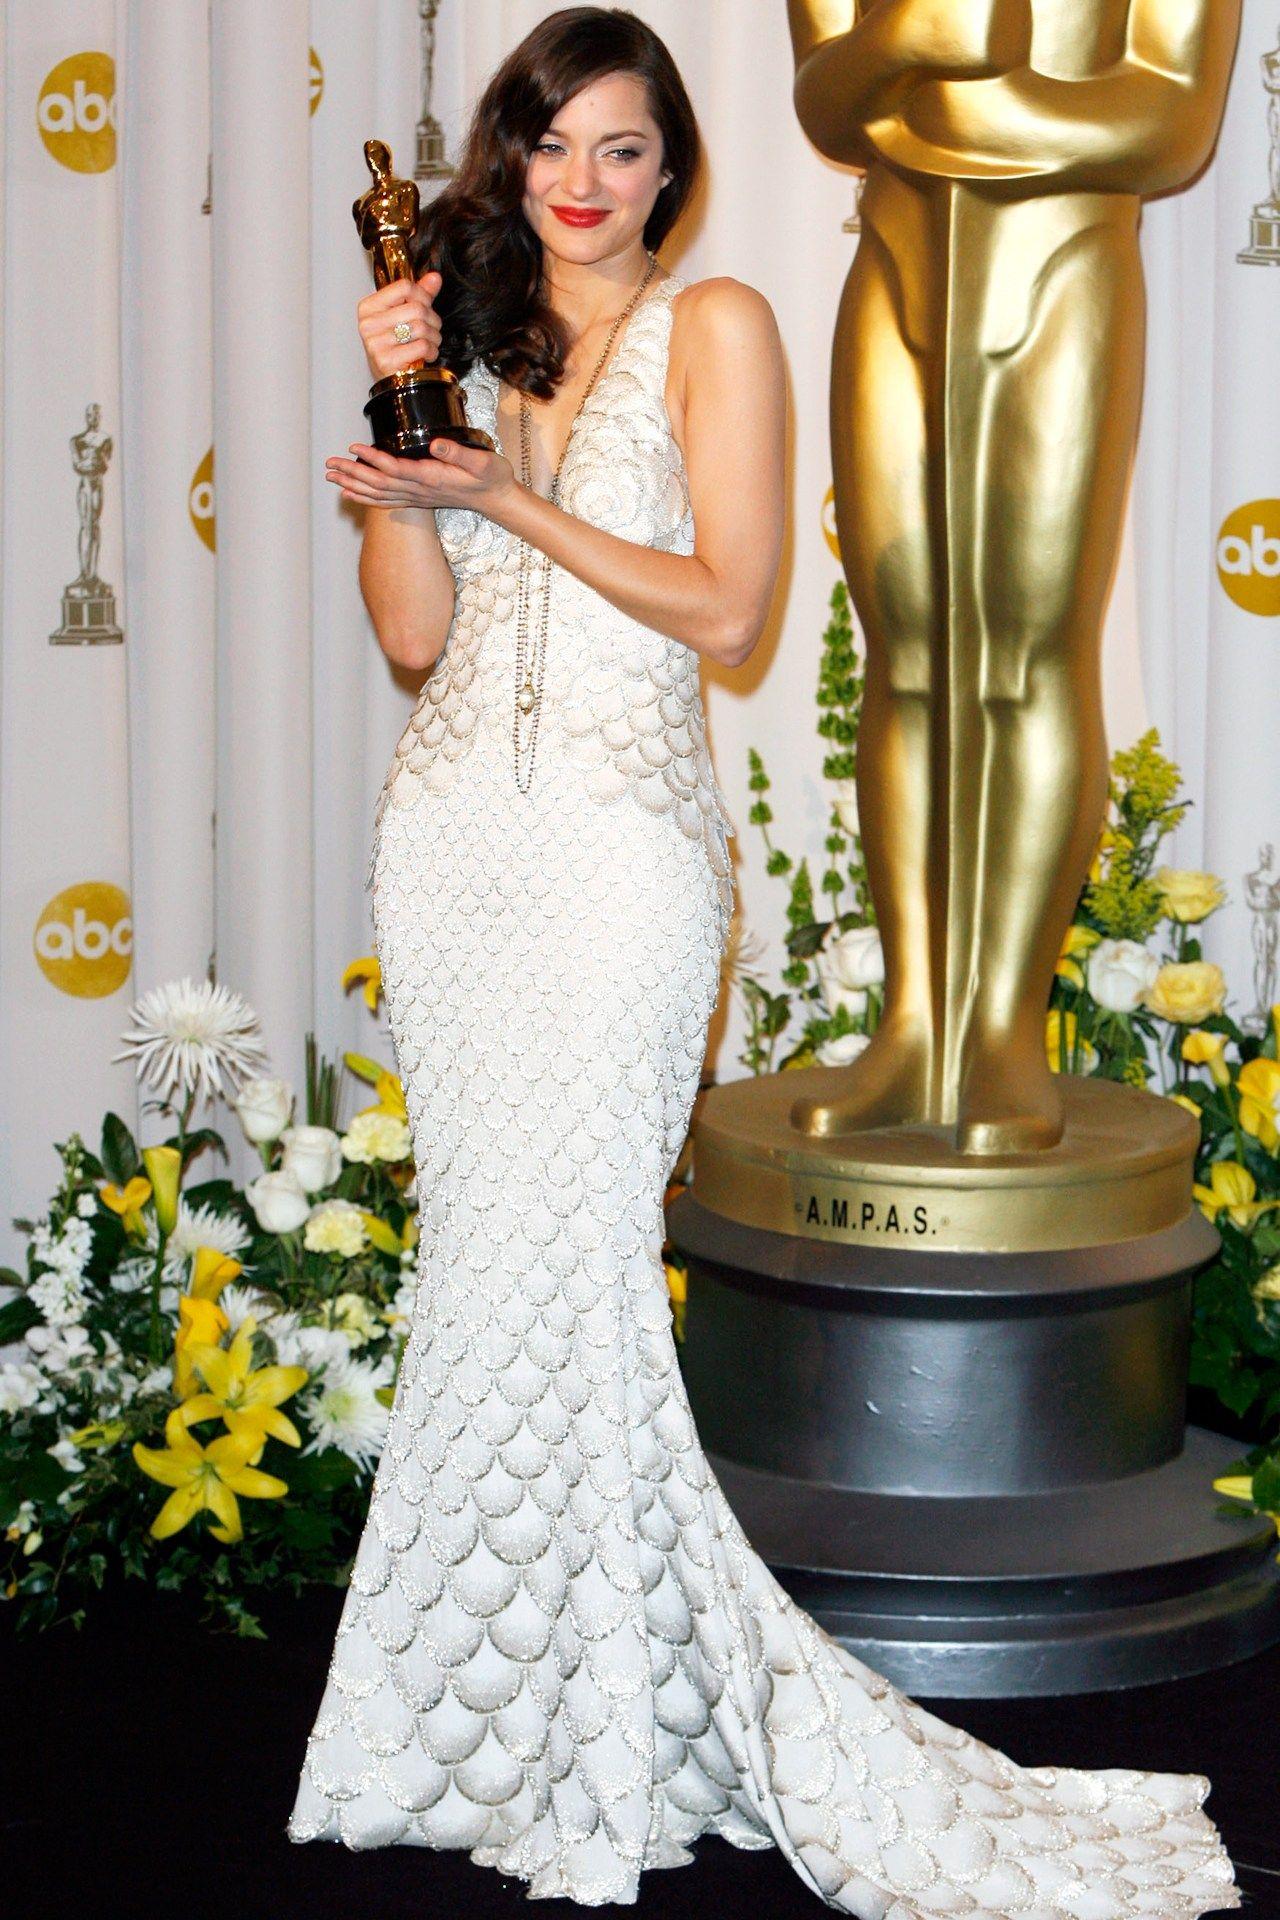 2008 Best Actress Winner Marion Cotillard For La Vie En